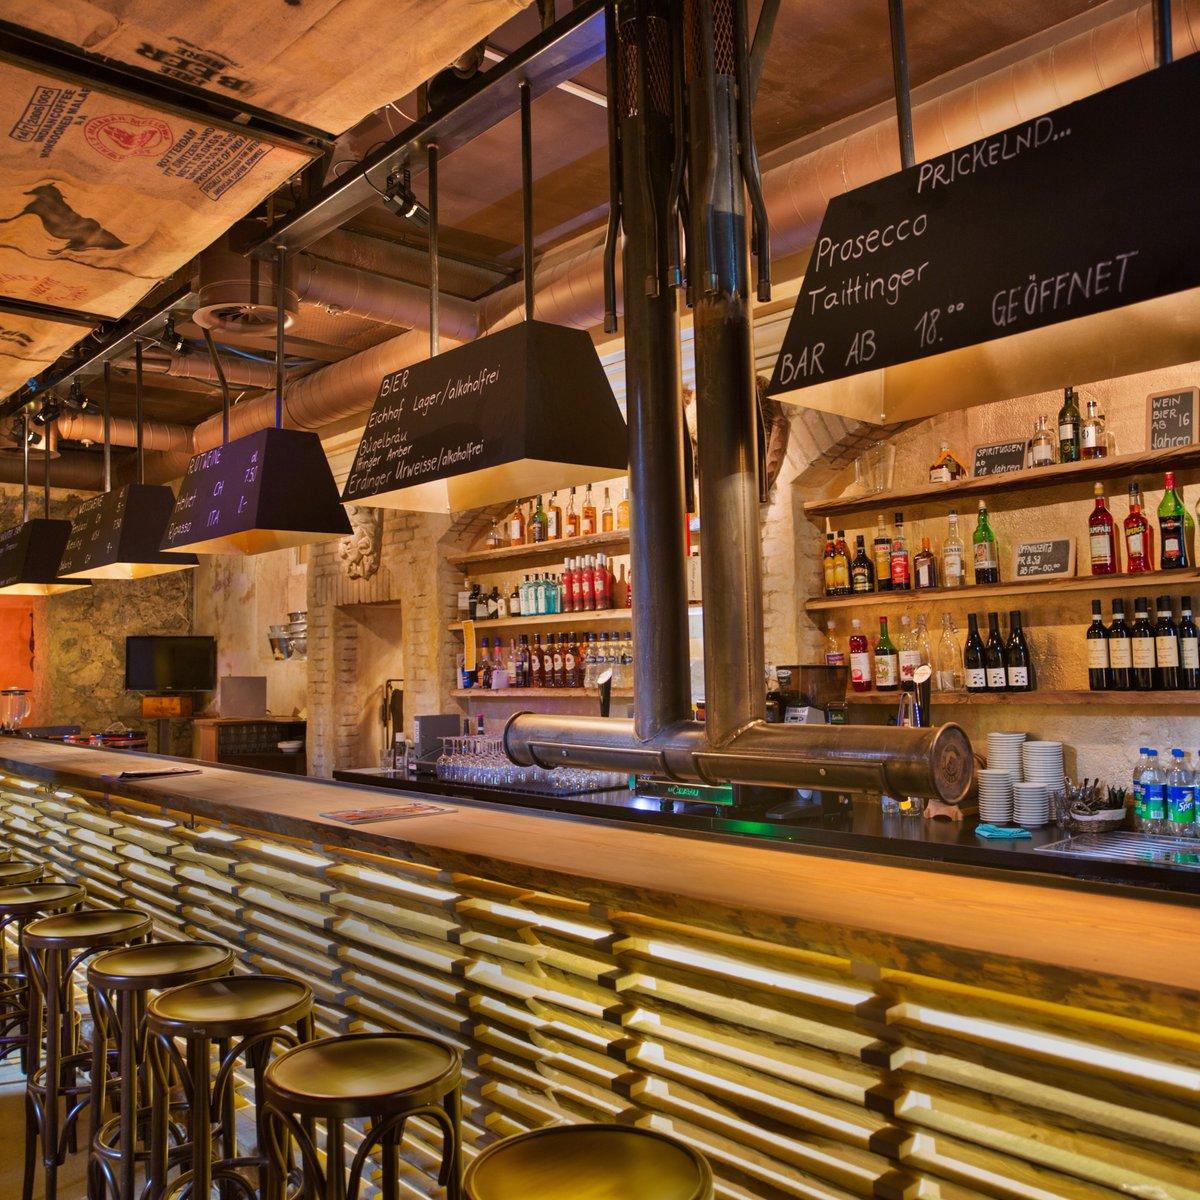 Die Bar, wo die Künstler nach dem Gig anzutreffen sind